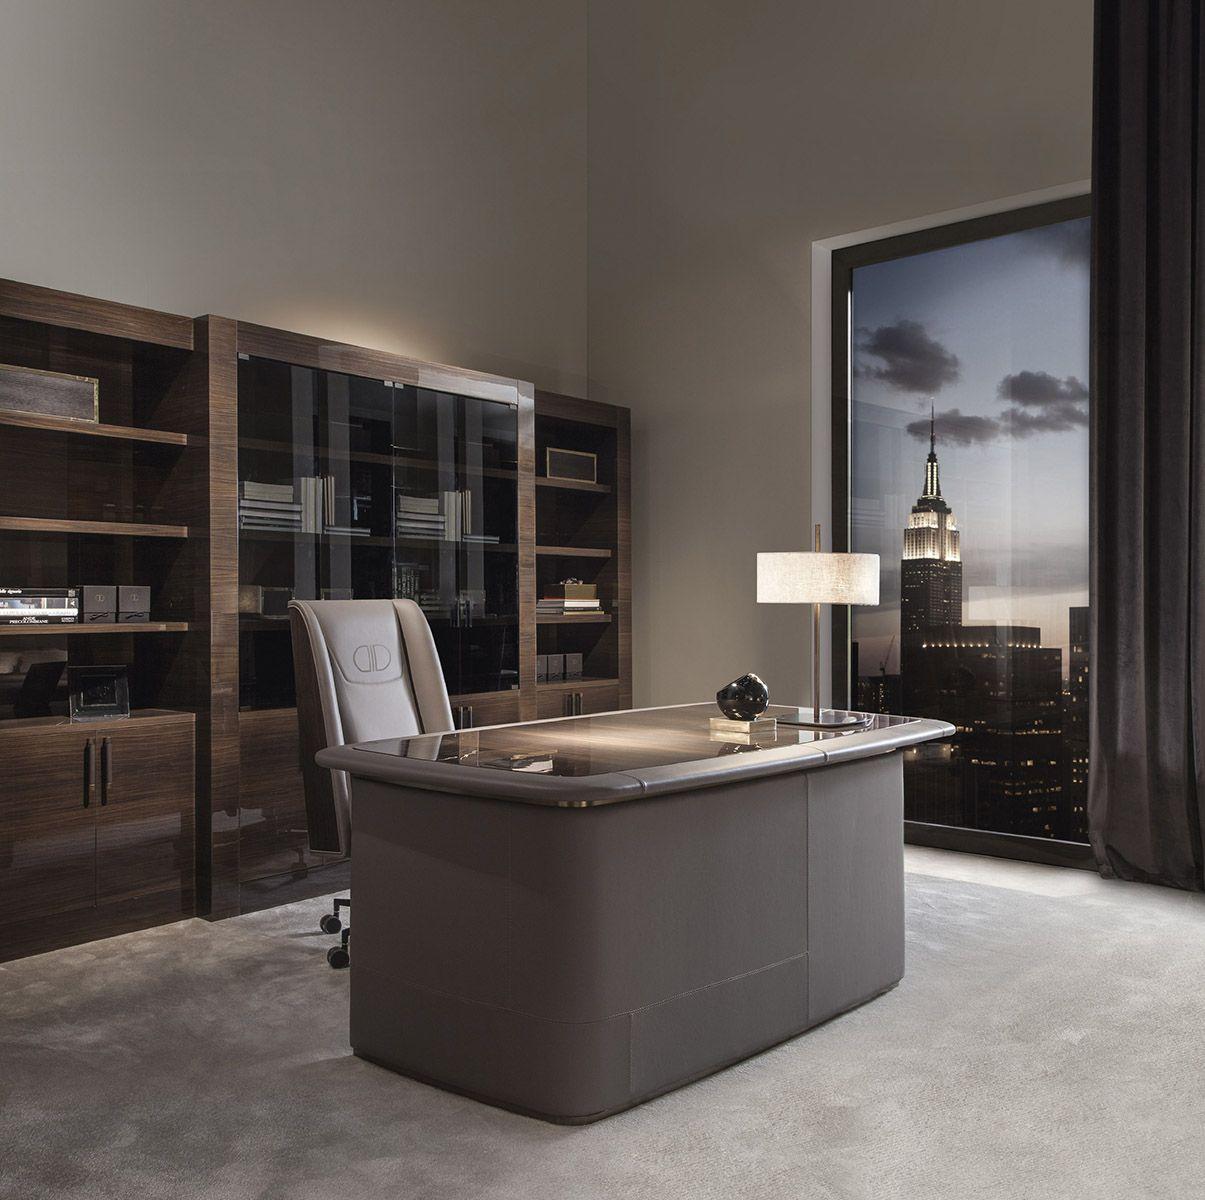 contemporary study furniture. Signorini \u0026 Coco - Arredamento New Decò E Contemporary Daytona Colleciotn Study Furniture L